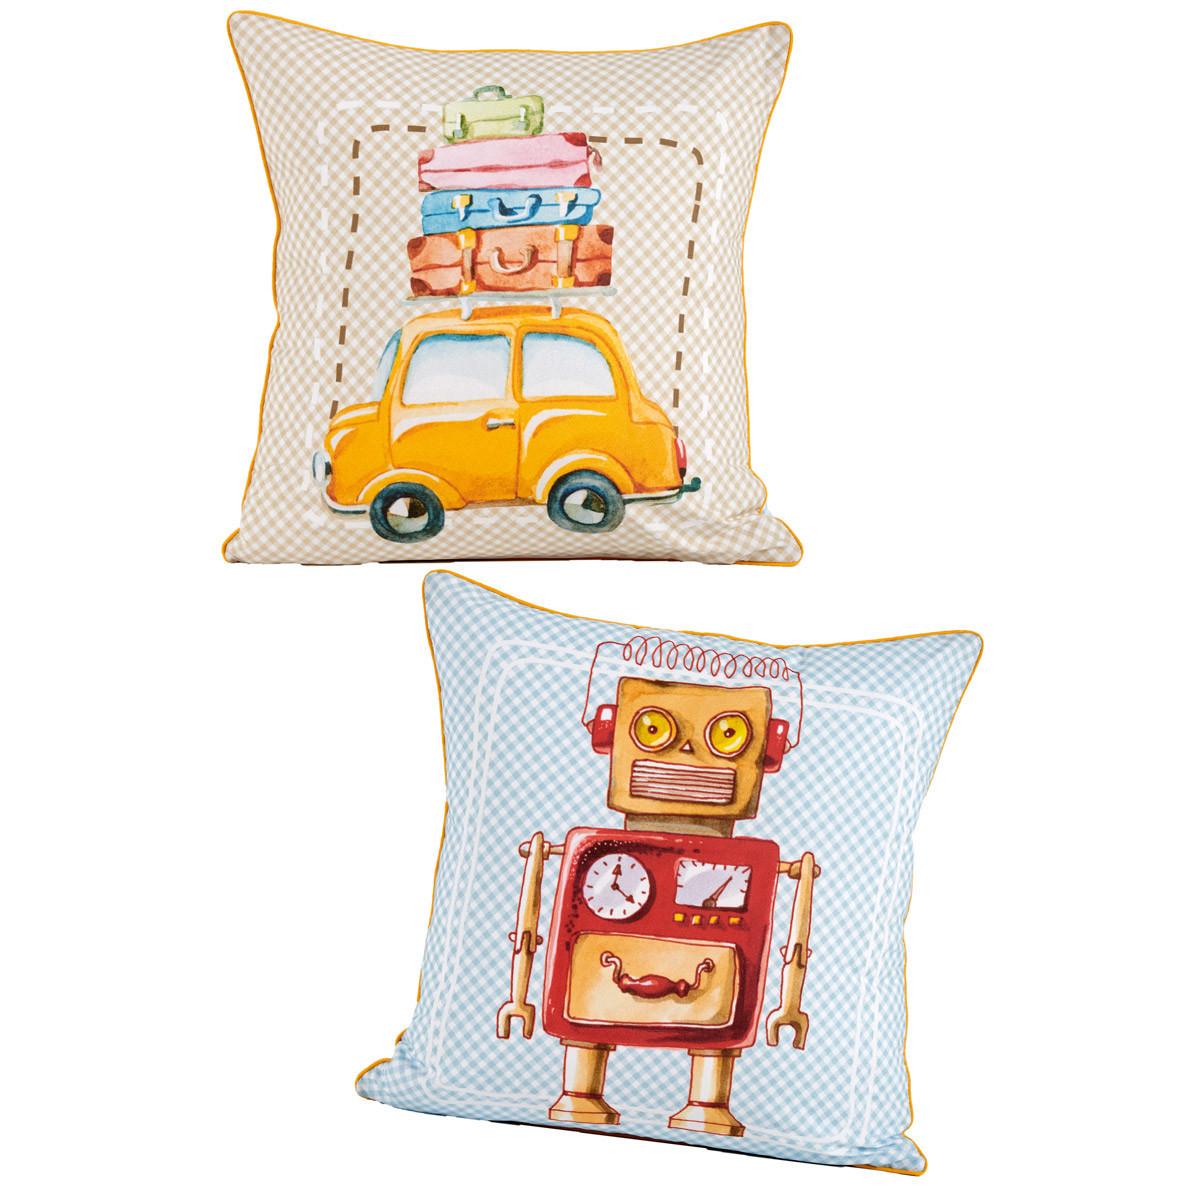 Διακοσμητική Μαξιλαροθήκη 2 Όψεων Kentia Kids Twister